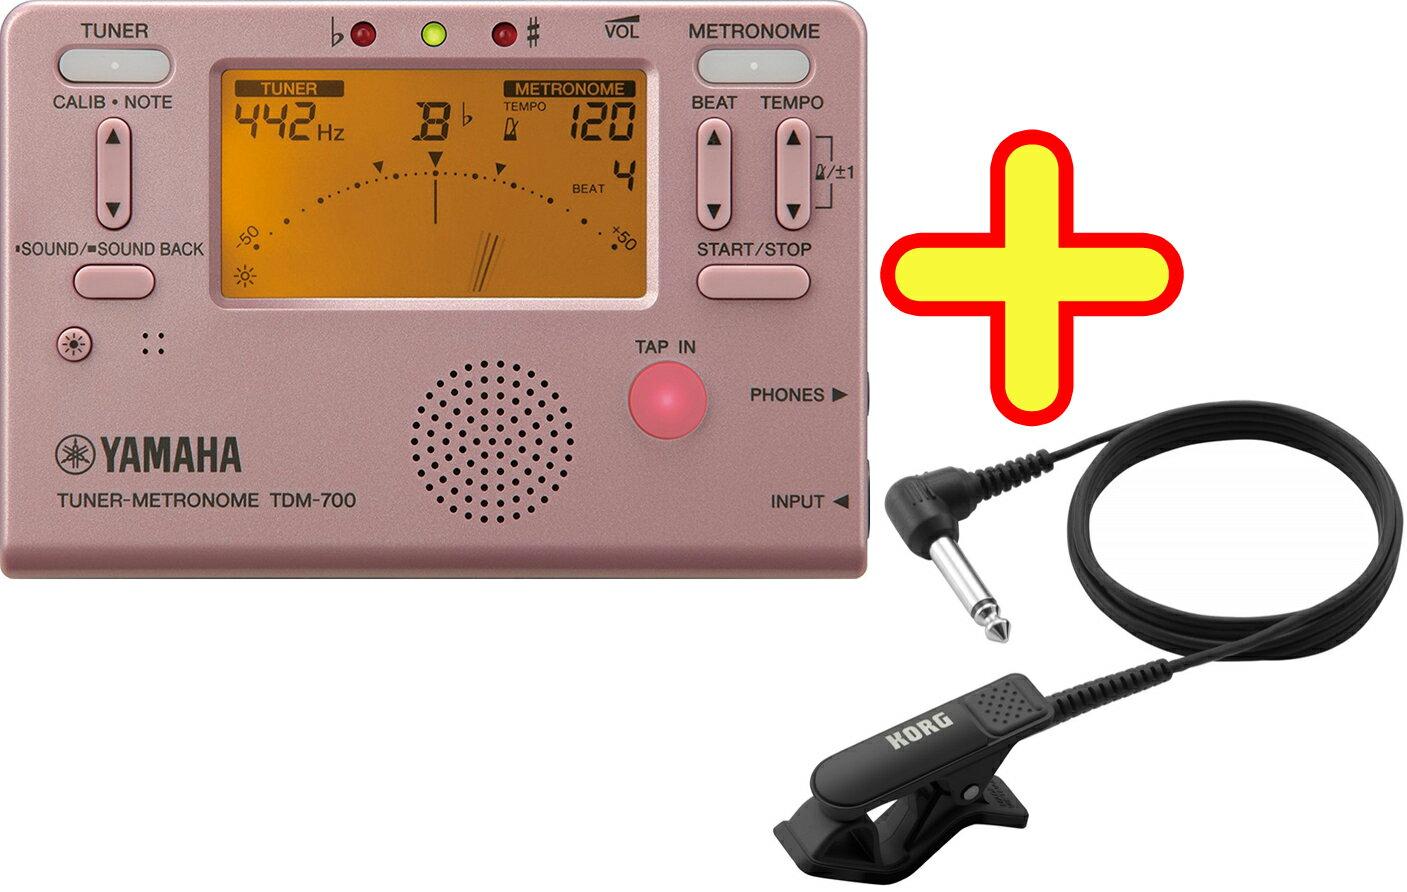 YAMAHA ( ヤマハ ) TDM-700P ピンク チューナーメトロノーム クロマチックチューナー 管楽器 プラチナピンク metronome tuner pink CM-200 【 TDM700P セット A】